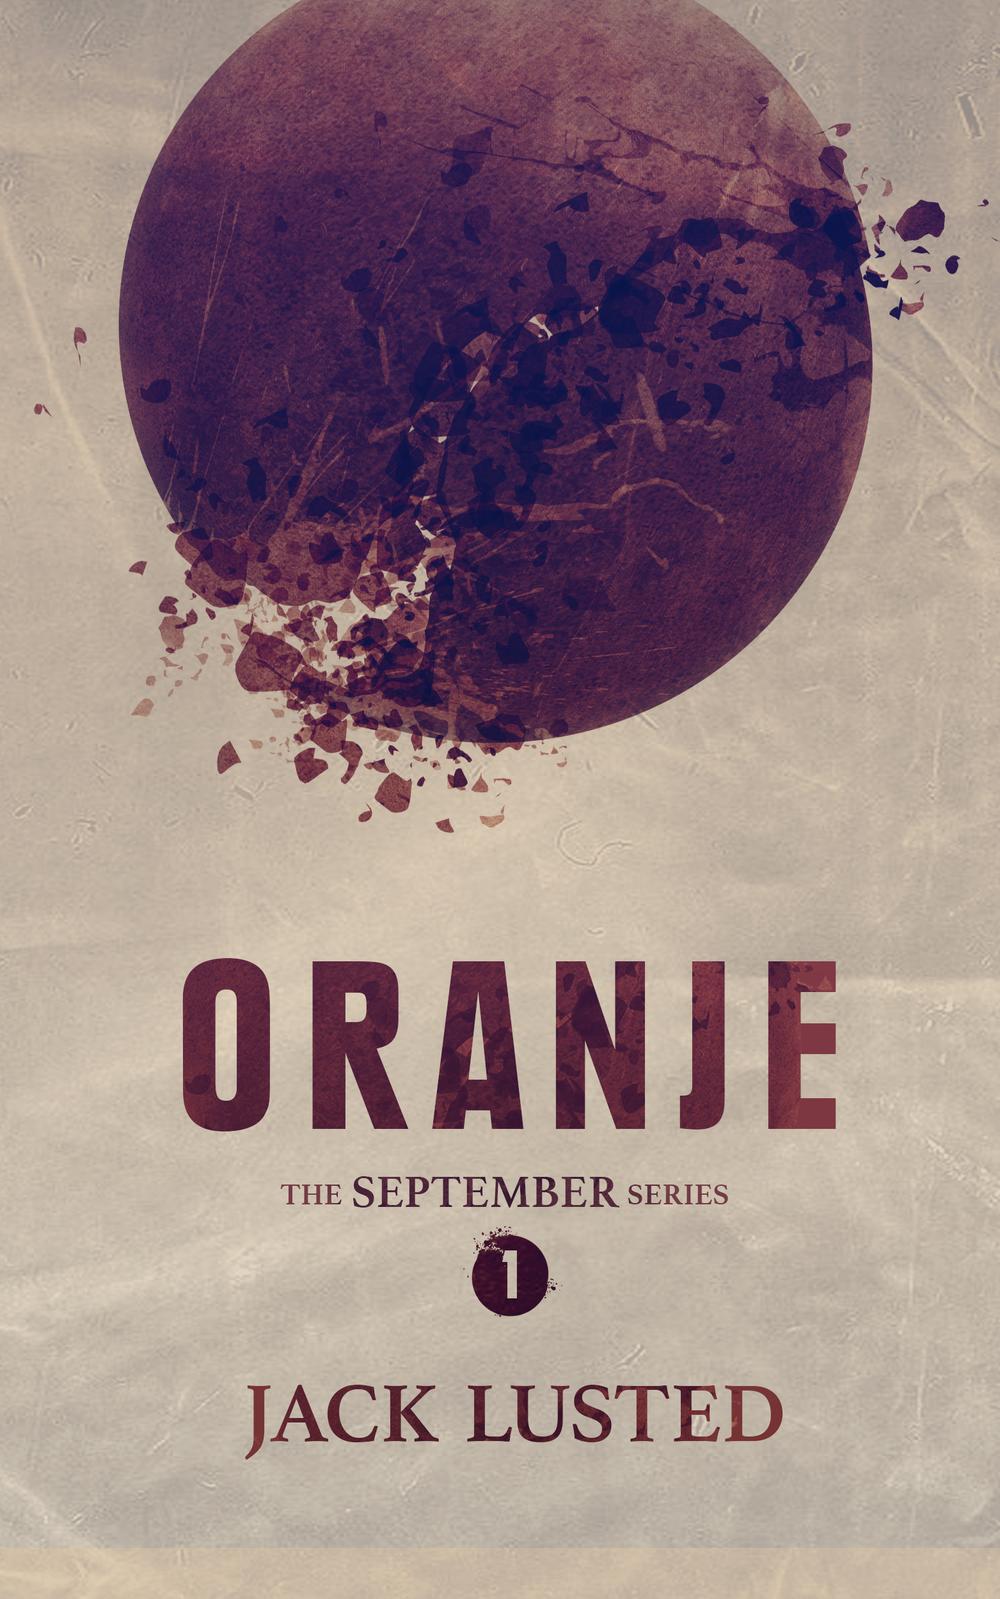 The ebook cover forOranje.